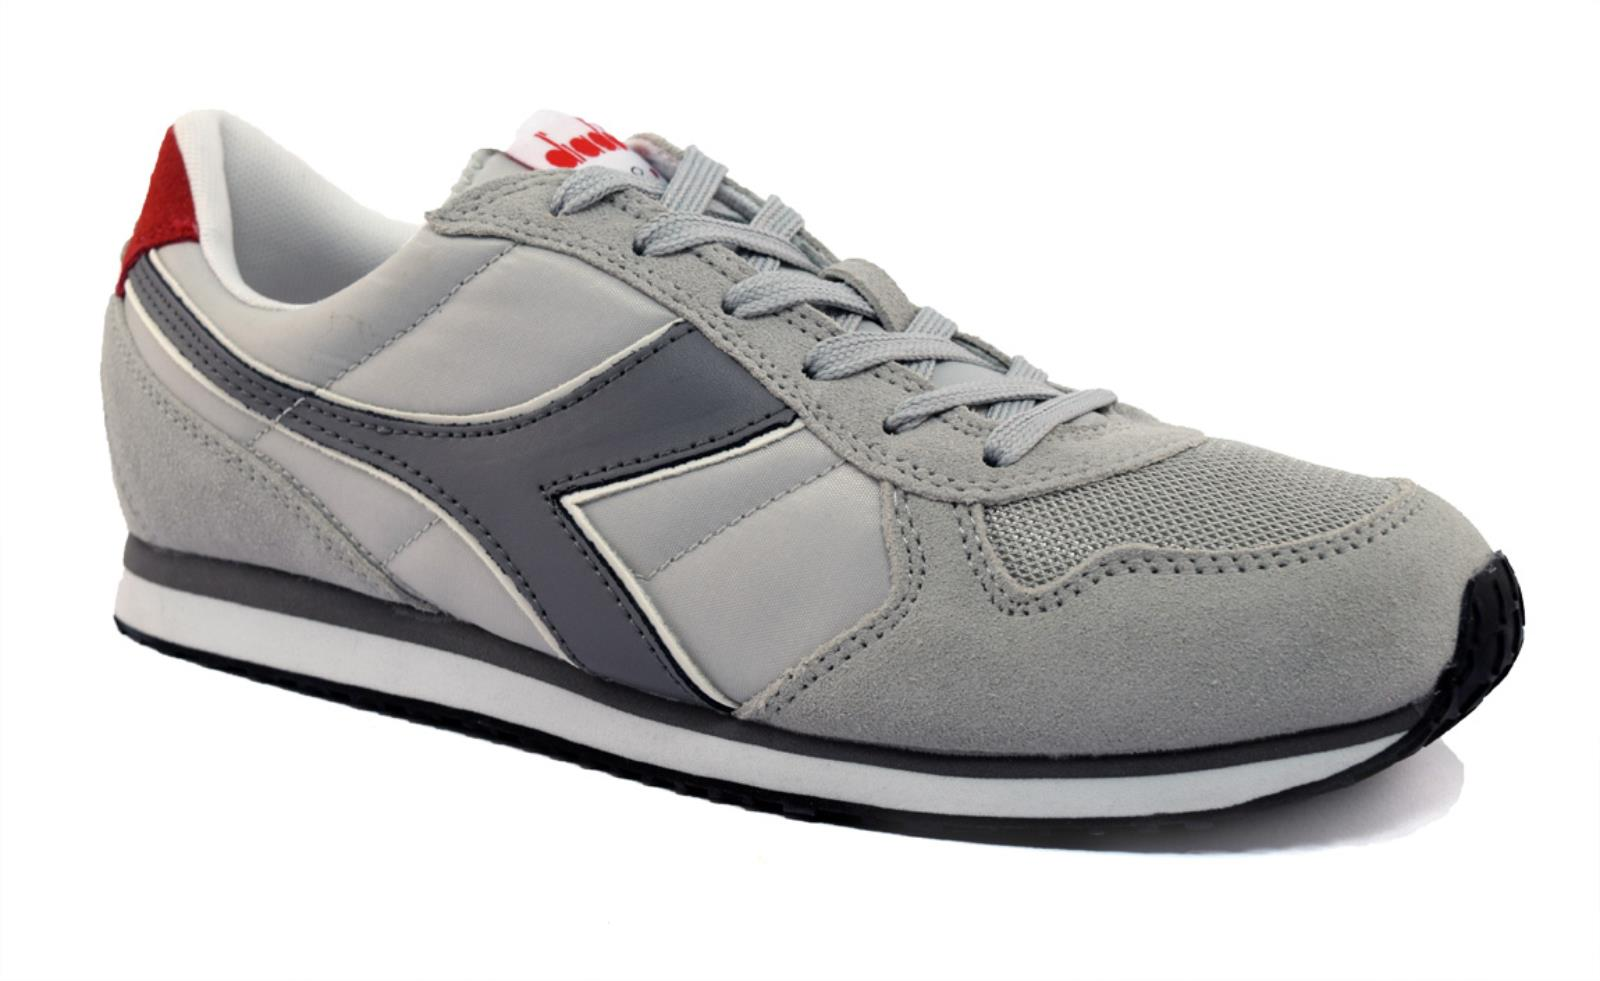 Acquistare scarpe diadora uomo grigio Economici> OFF50% scontate